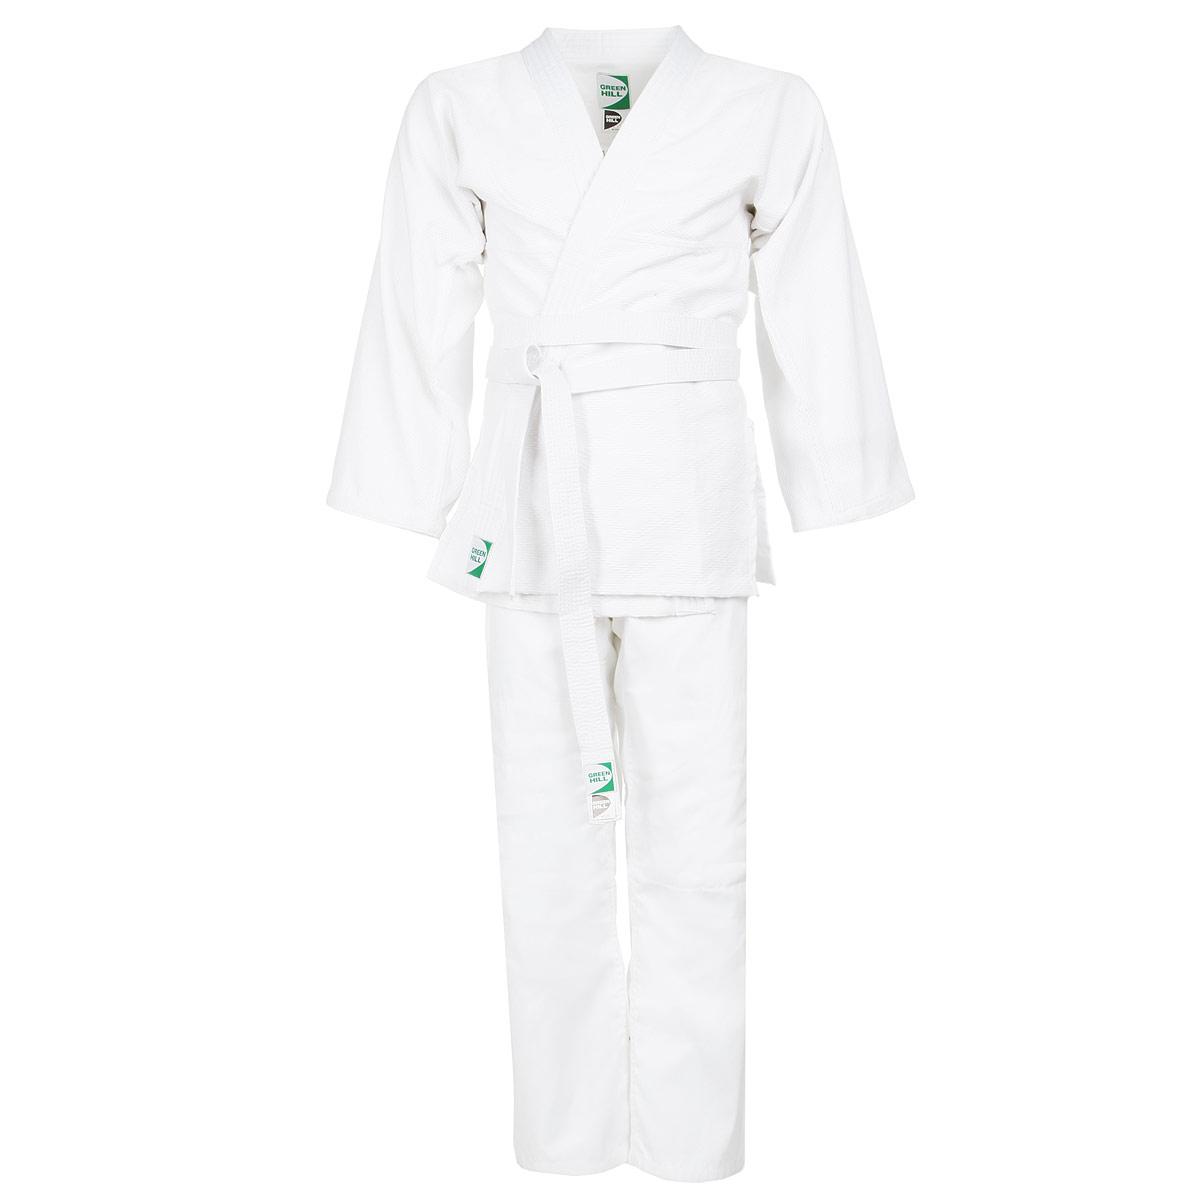 Кимоно для дзюдо Green Hill Adult, цвет: белый. JSA-10429. Размер 200JSA-10429Кимоно для дзюдо Green Hill Adult состоит из рубашки и брюк. Просторная рубашка с запахом, боковыми разрезами и длинными рукавами-кимоно изготовлена из плотного хлопка с фактурным плетением. Боковые швы, края рукавов и полочек, низ рубашки укреплены дополнительными строчками и крепкой лентой с внутренней стороны. Просторные брюки особого покроя на поясе с затягивающимся шнурком для фиксации на талии имеют шлевки для дополнительного пояса и укреплены на коленях. Кимоно отлично подходит тренировок в зале и на соревнованиях.